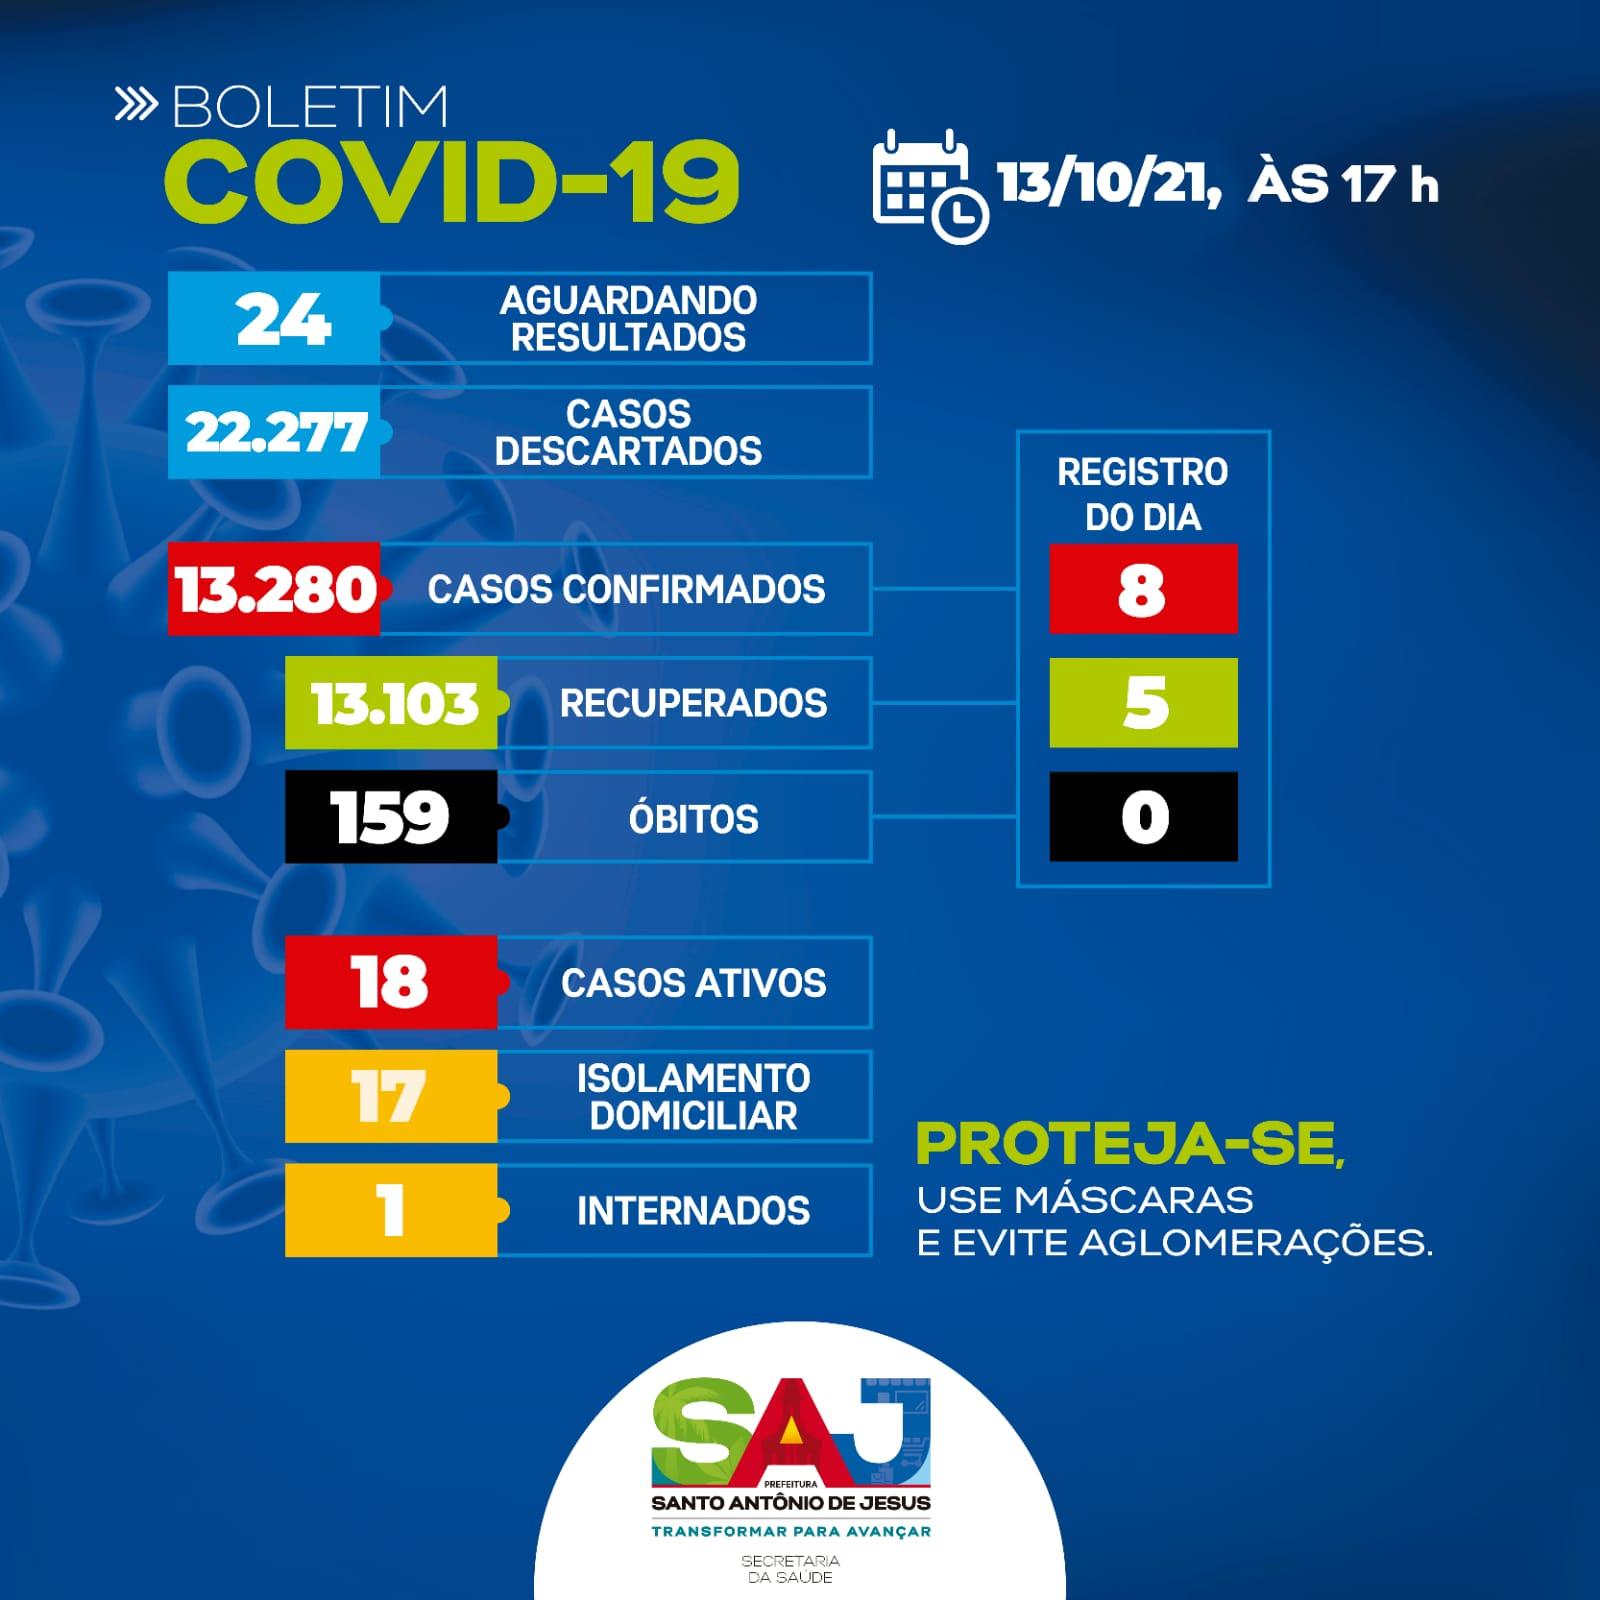 SAJ registra 8 novos casos de Covid-19 nas últimas 24h